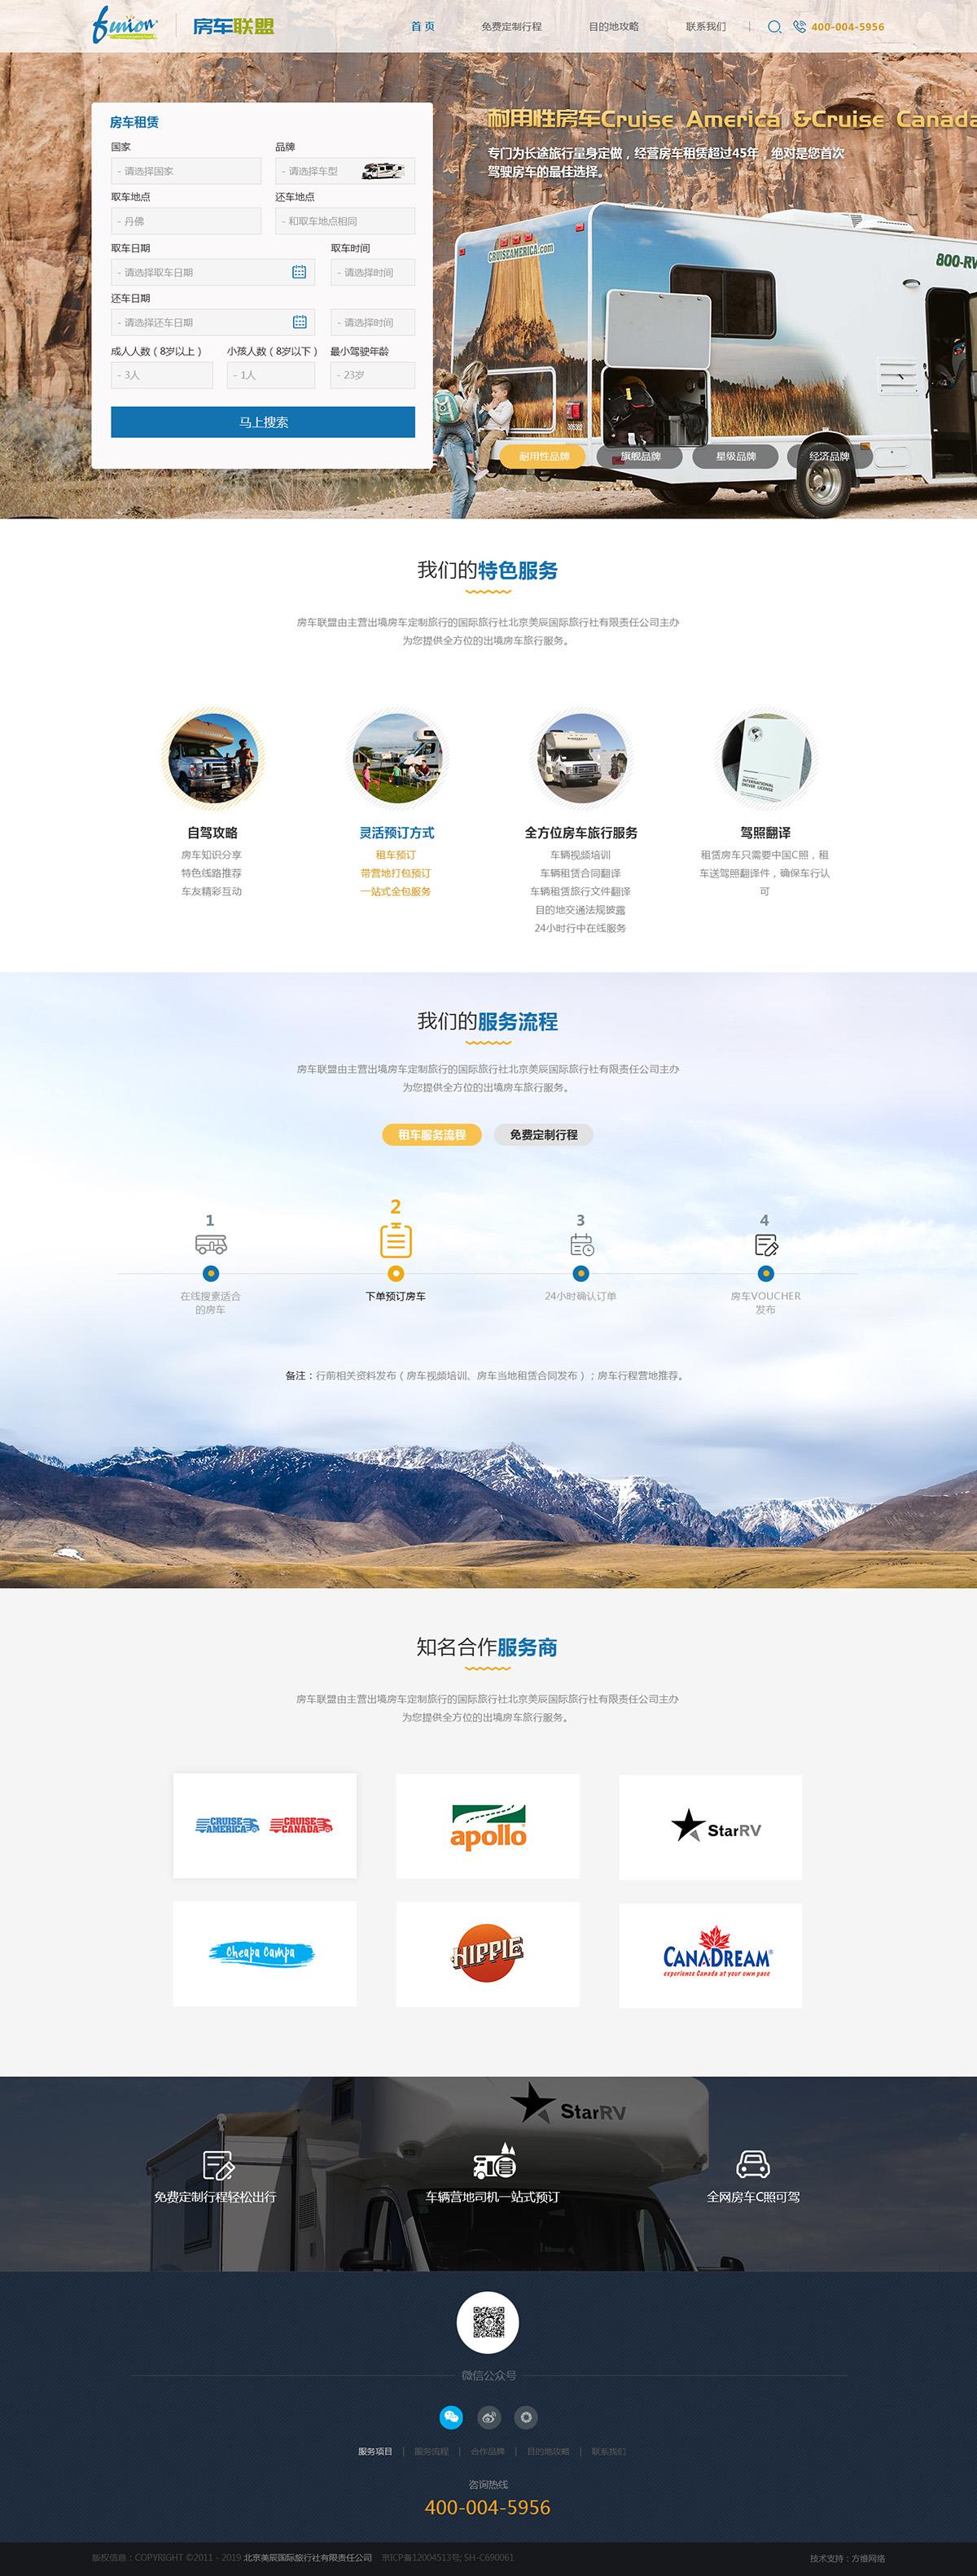 美辰国际旅行社网站案例